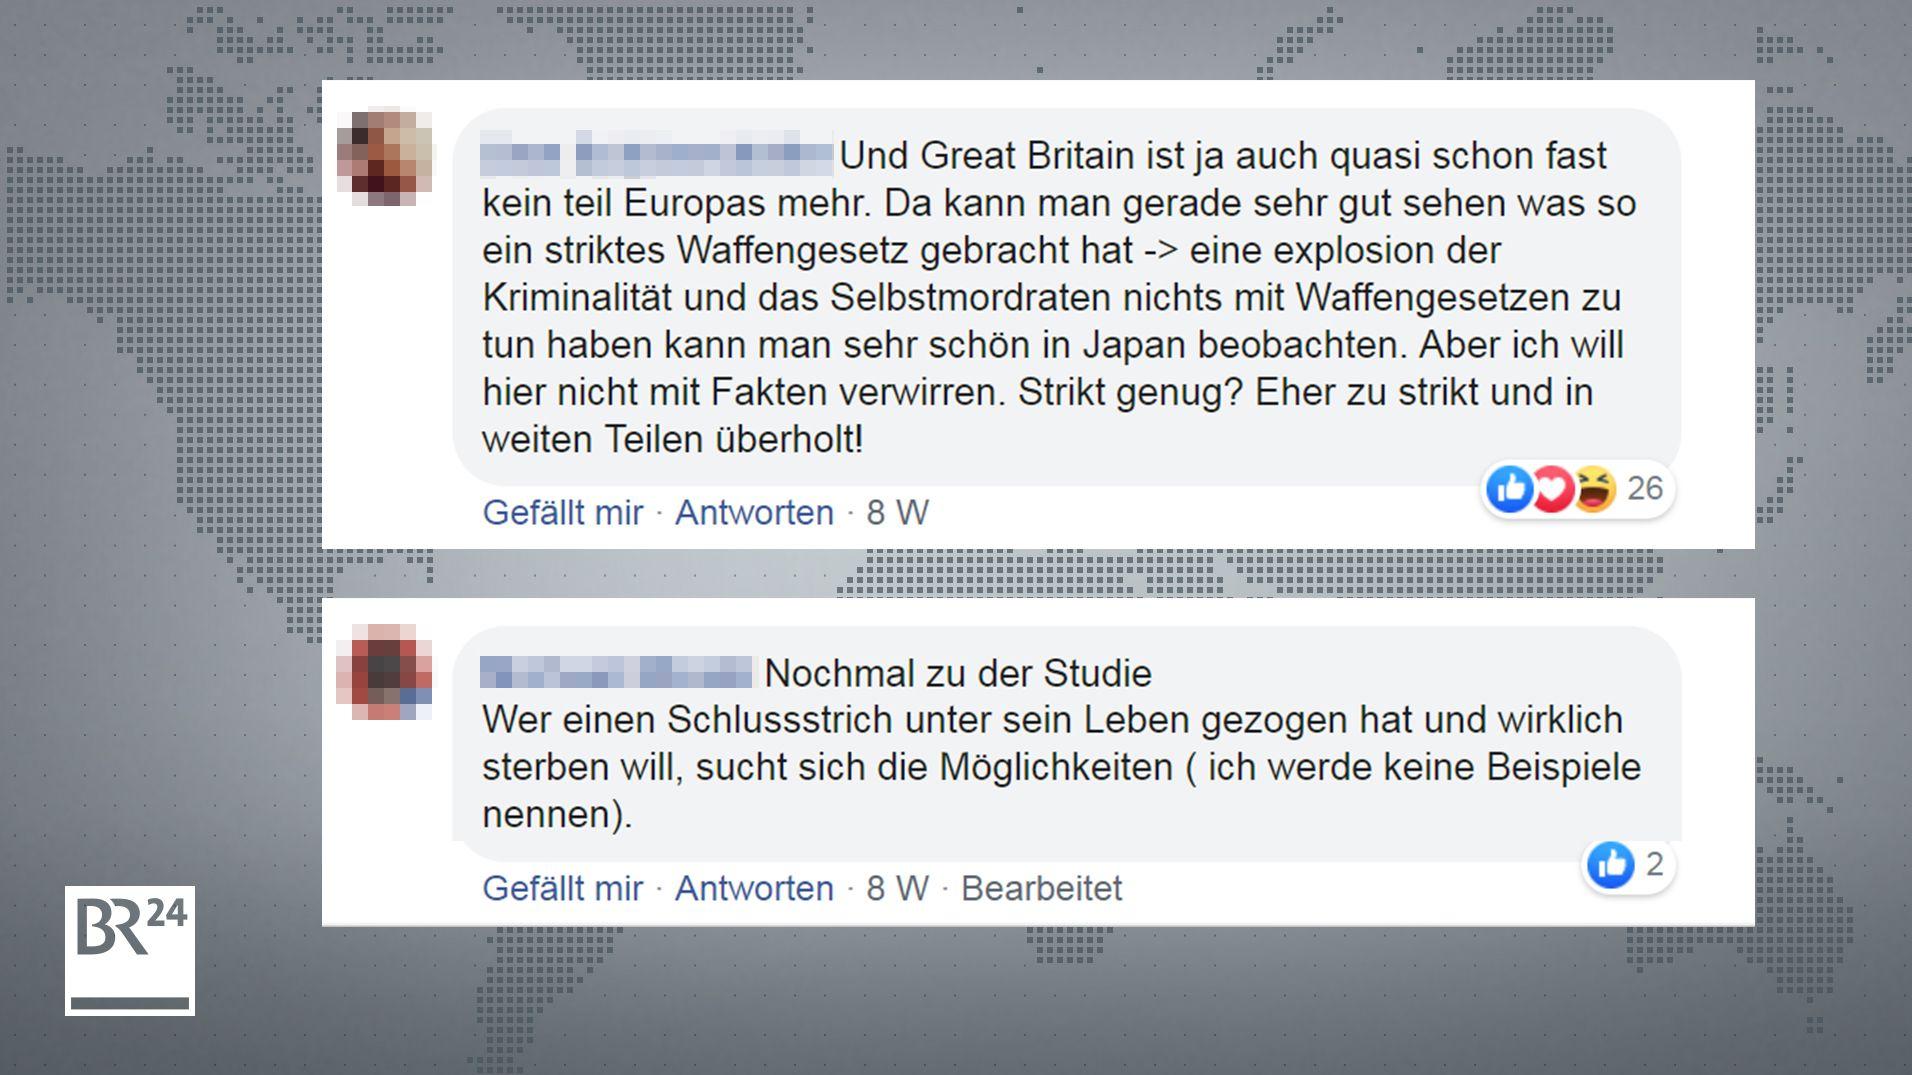 Nutzer von BR24 bezweifeln in Facebookkommentaren den Zusammenhang von Verbreitung an Waffen und Mordraten/ Suizidraten